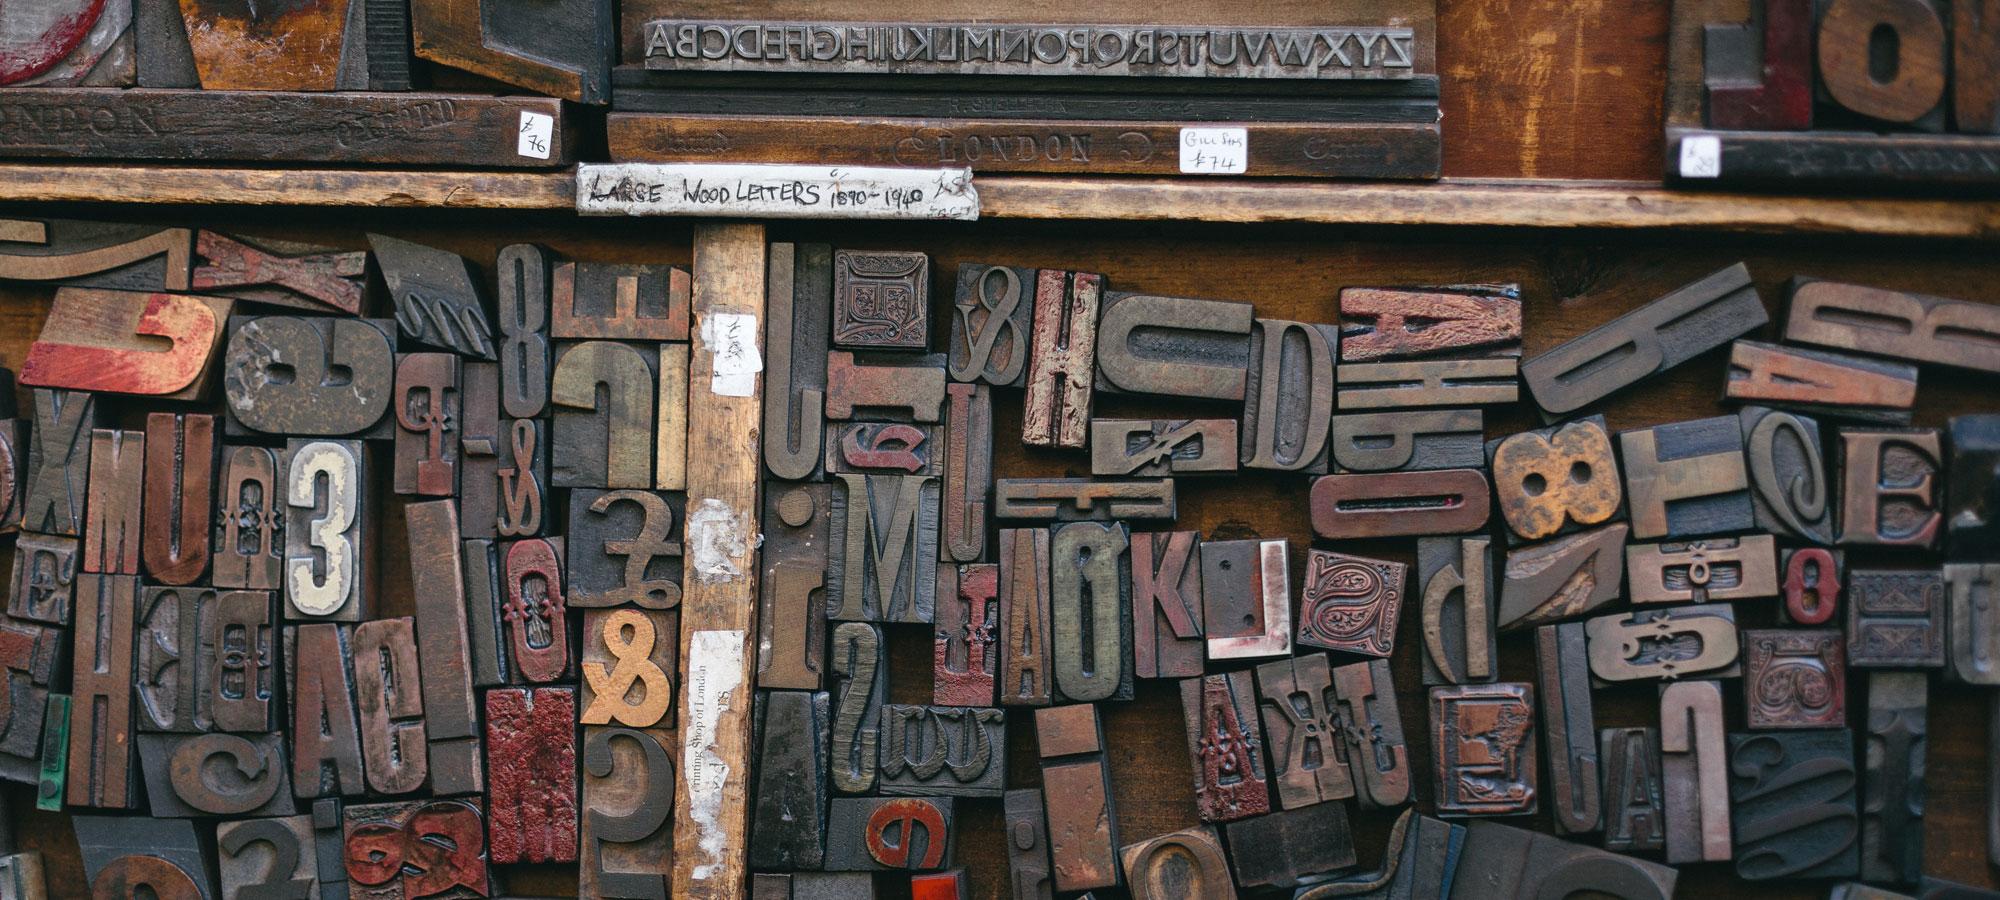 hözerne Druckbuchstaben im Regal, © unsplash